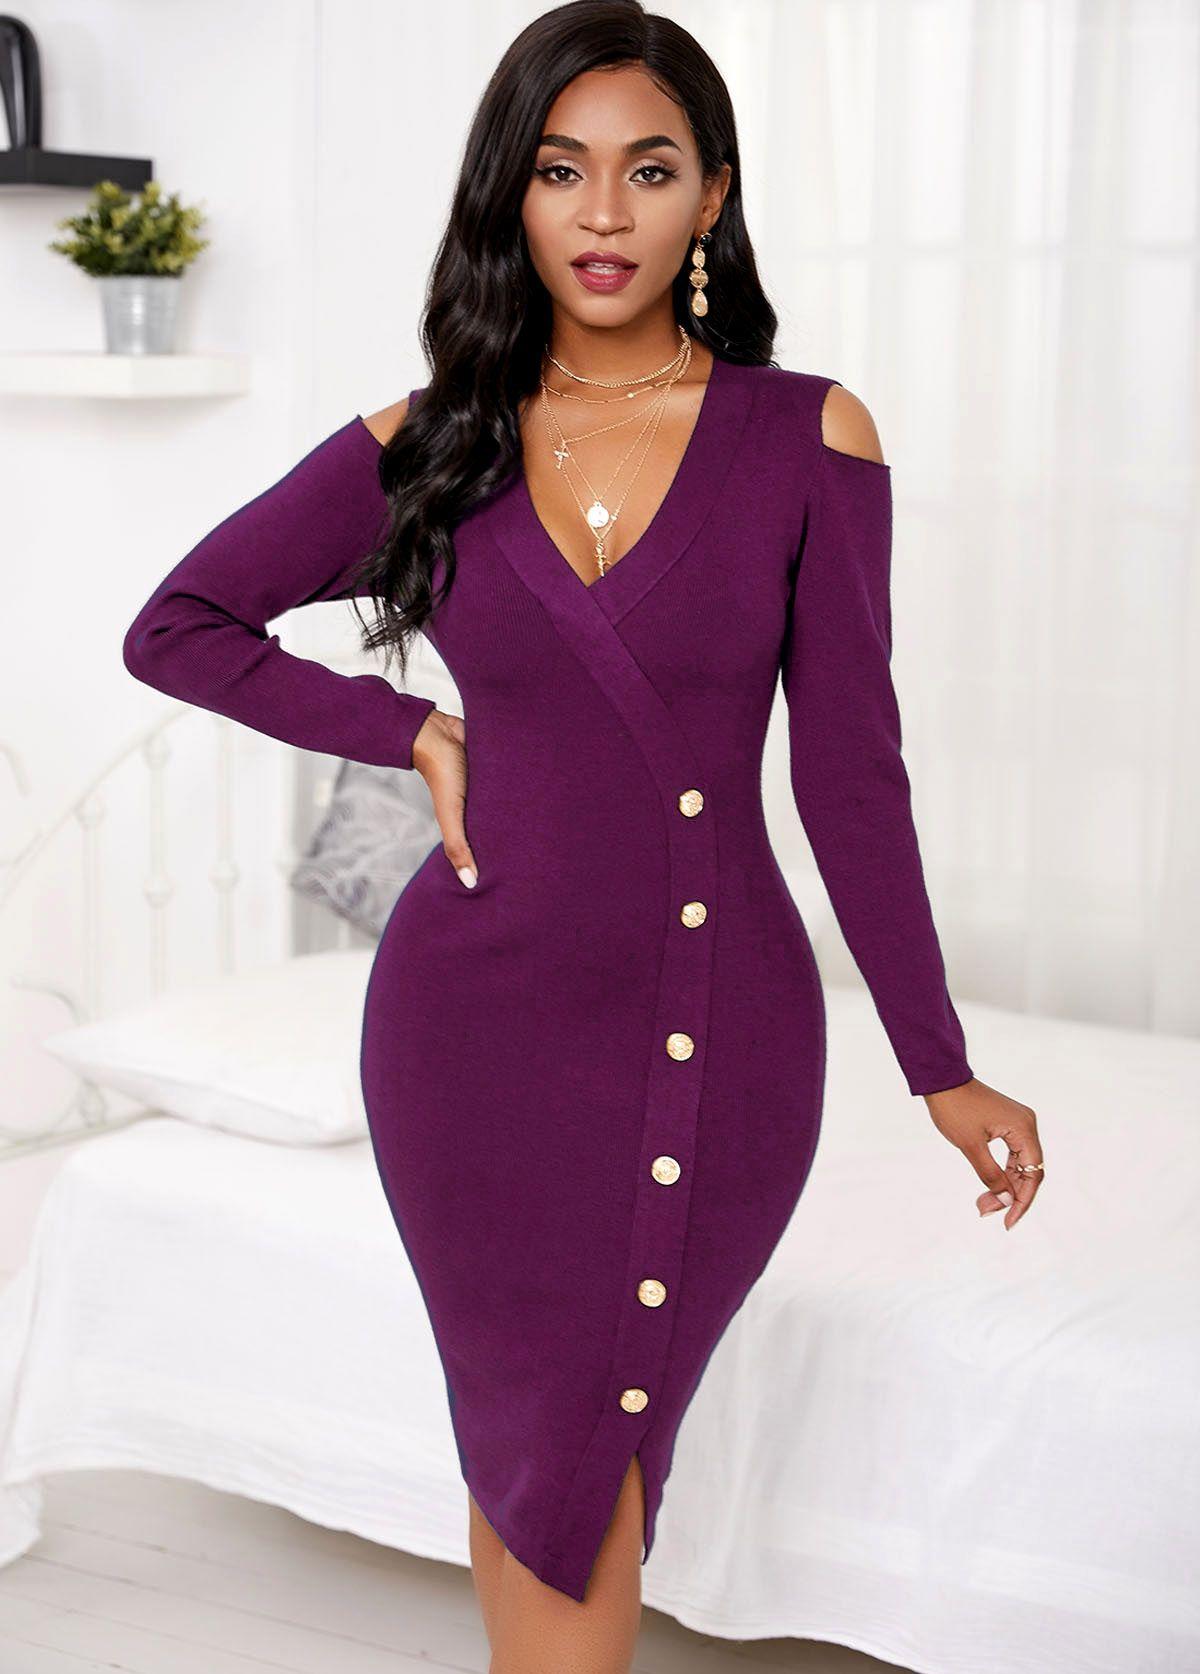 Cold Shoulder Long Sleeve Button Sweater Dress Rosewe Com Usd 20 99 In 2021 Cold Shoulder Sweater Dress Lace Blue Dress Womens Dresses [ 1674 x 1200 Pixel ]